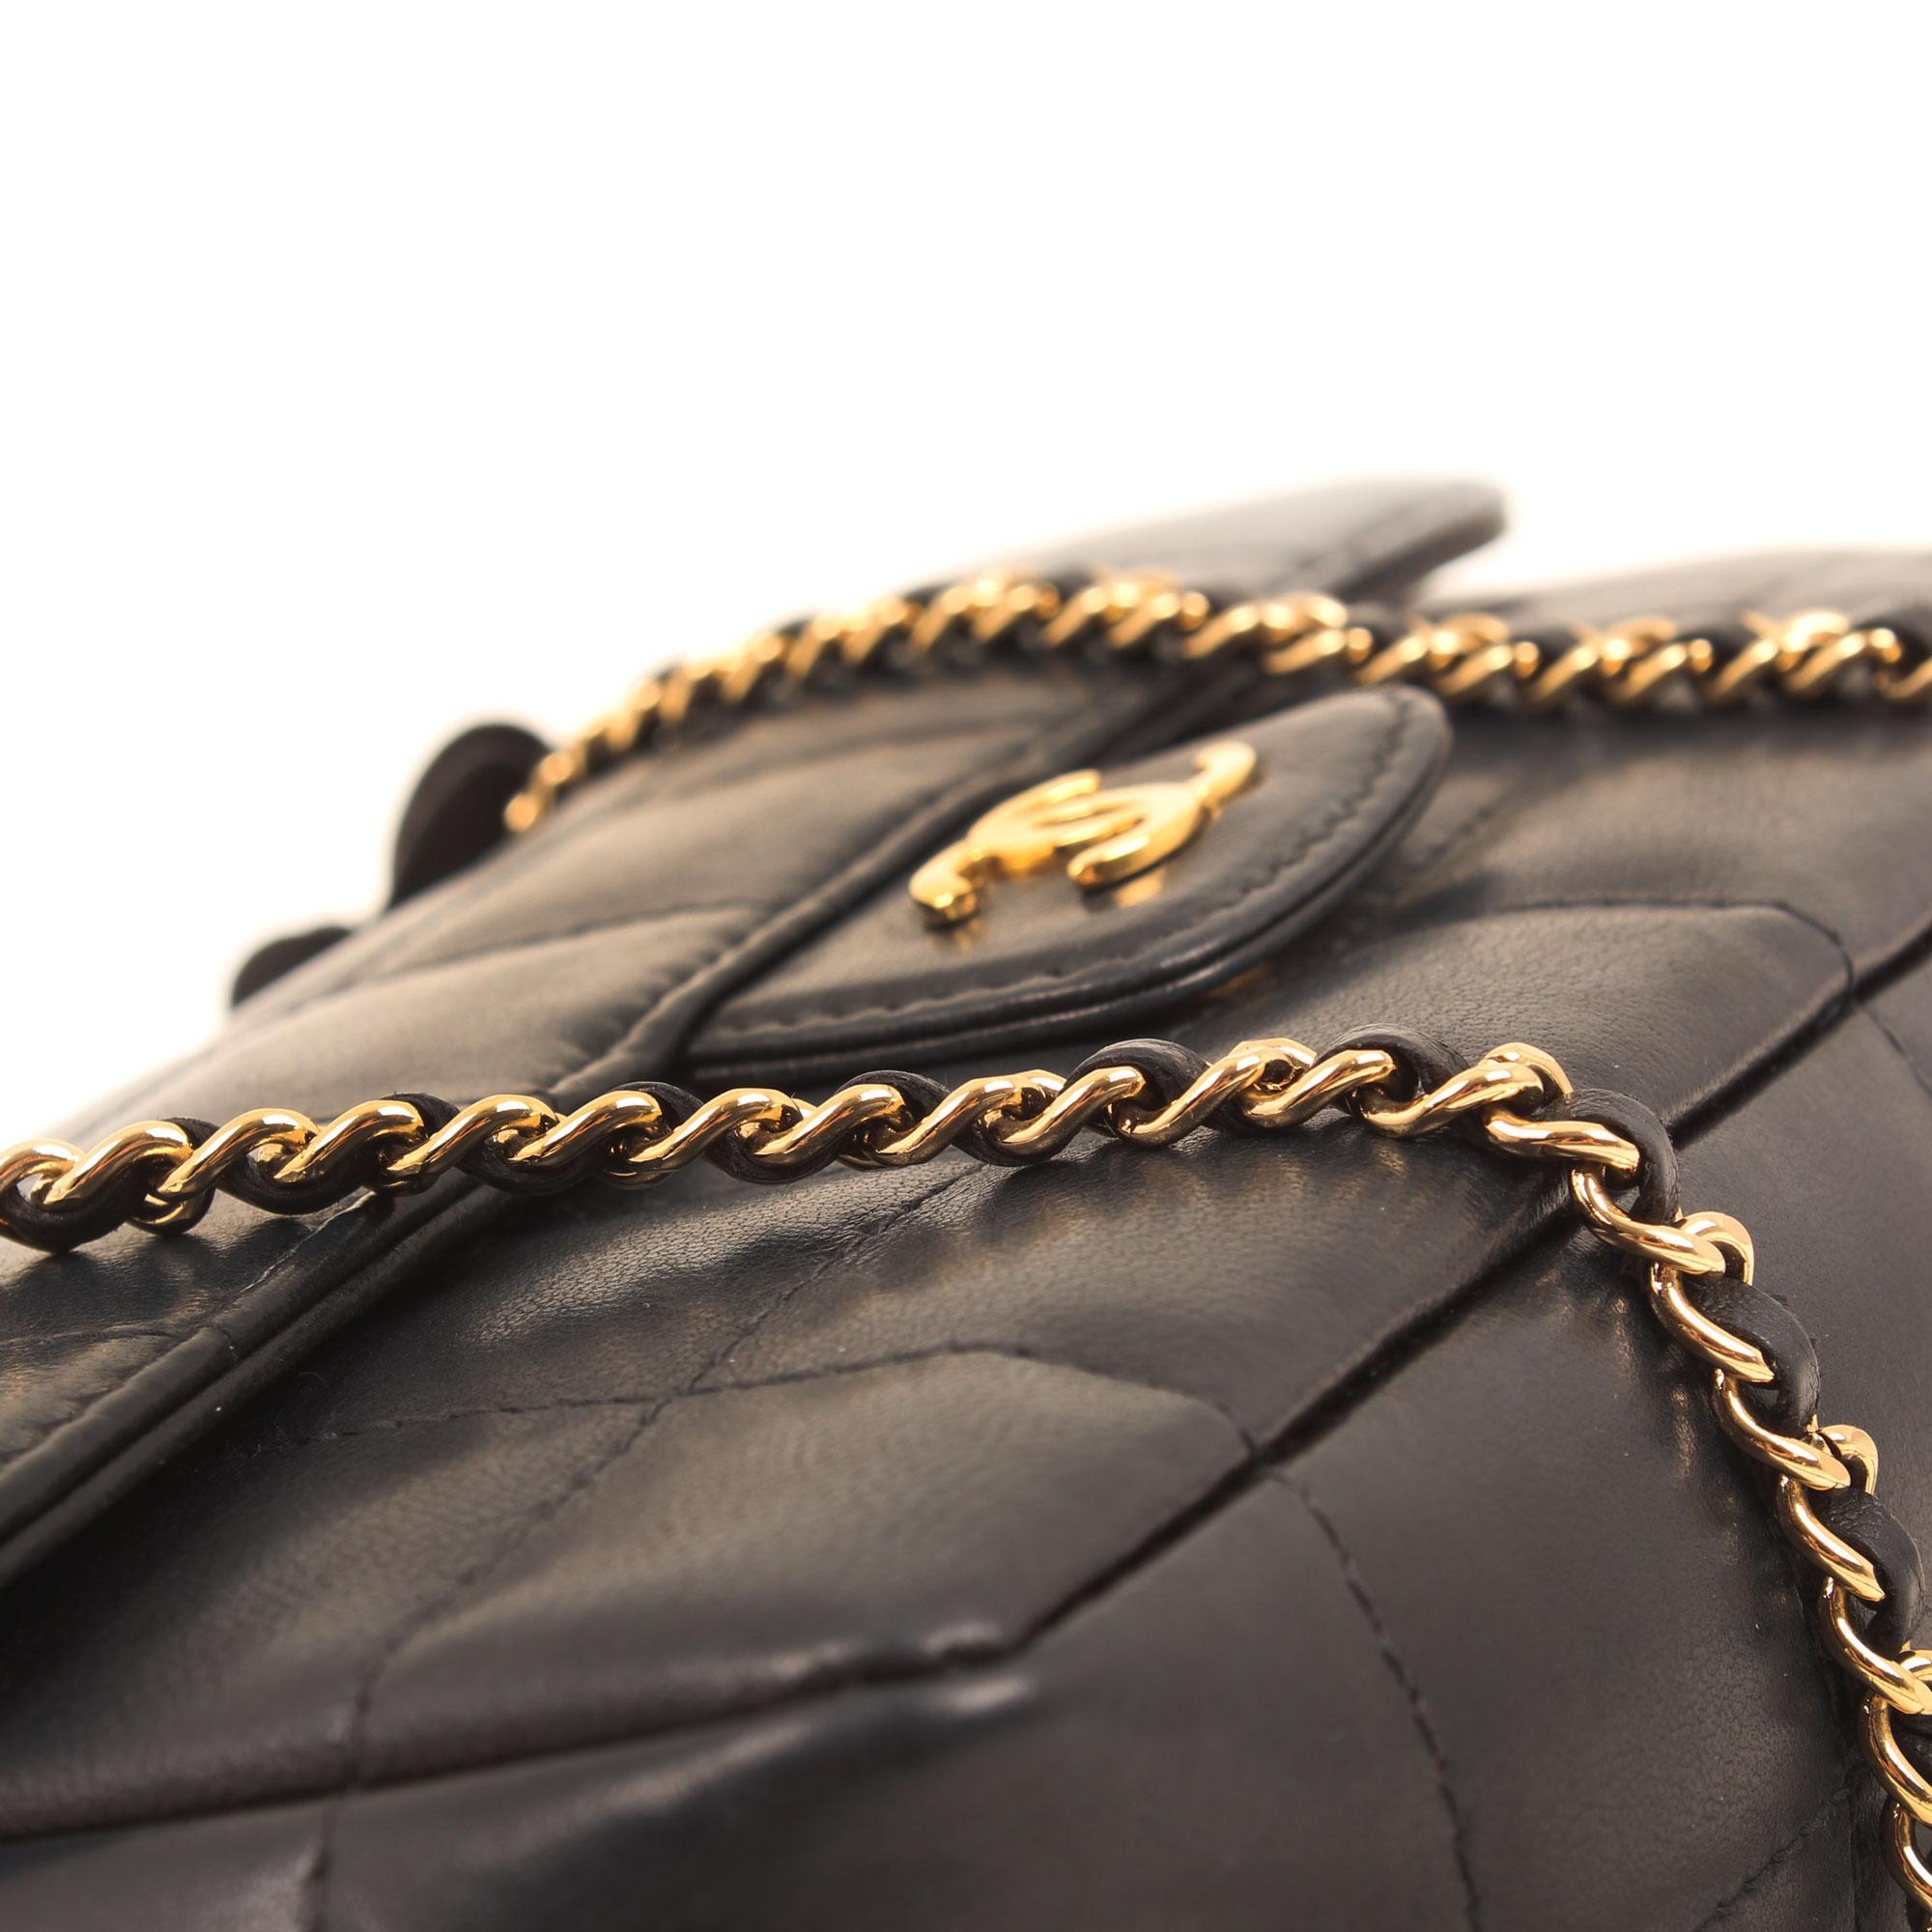 Imagen de detalle de la piel del bolso chanel mini crossbody chocolate bar navy blue camelia